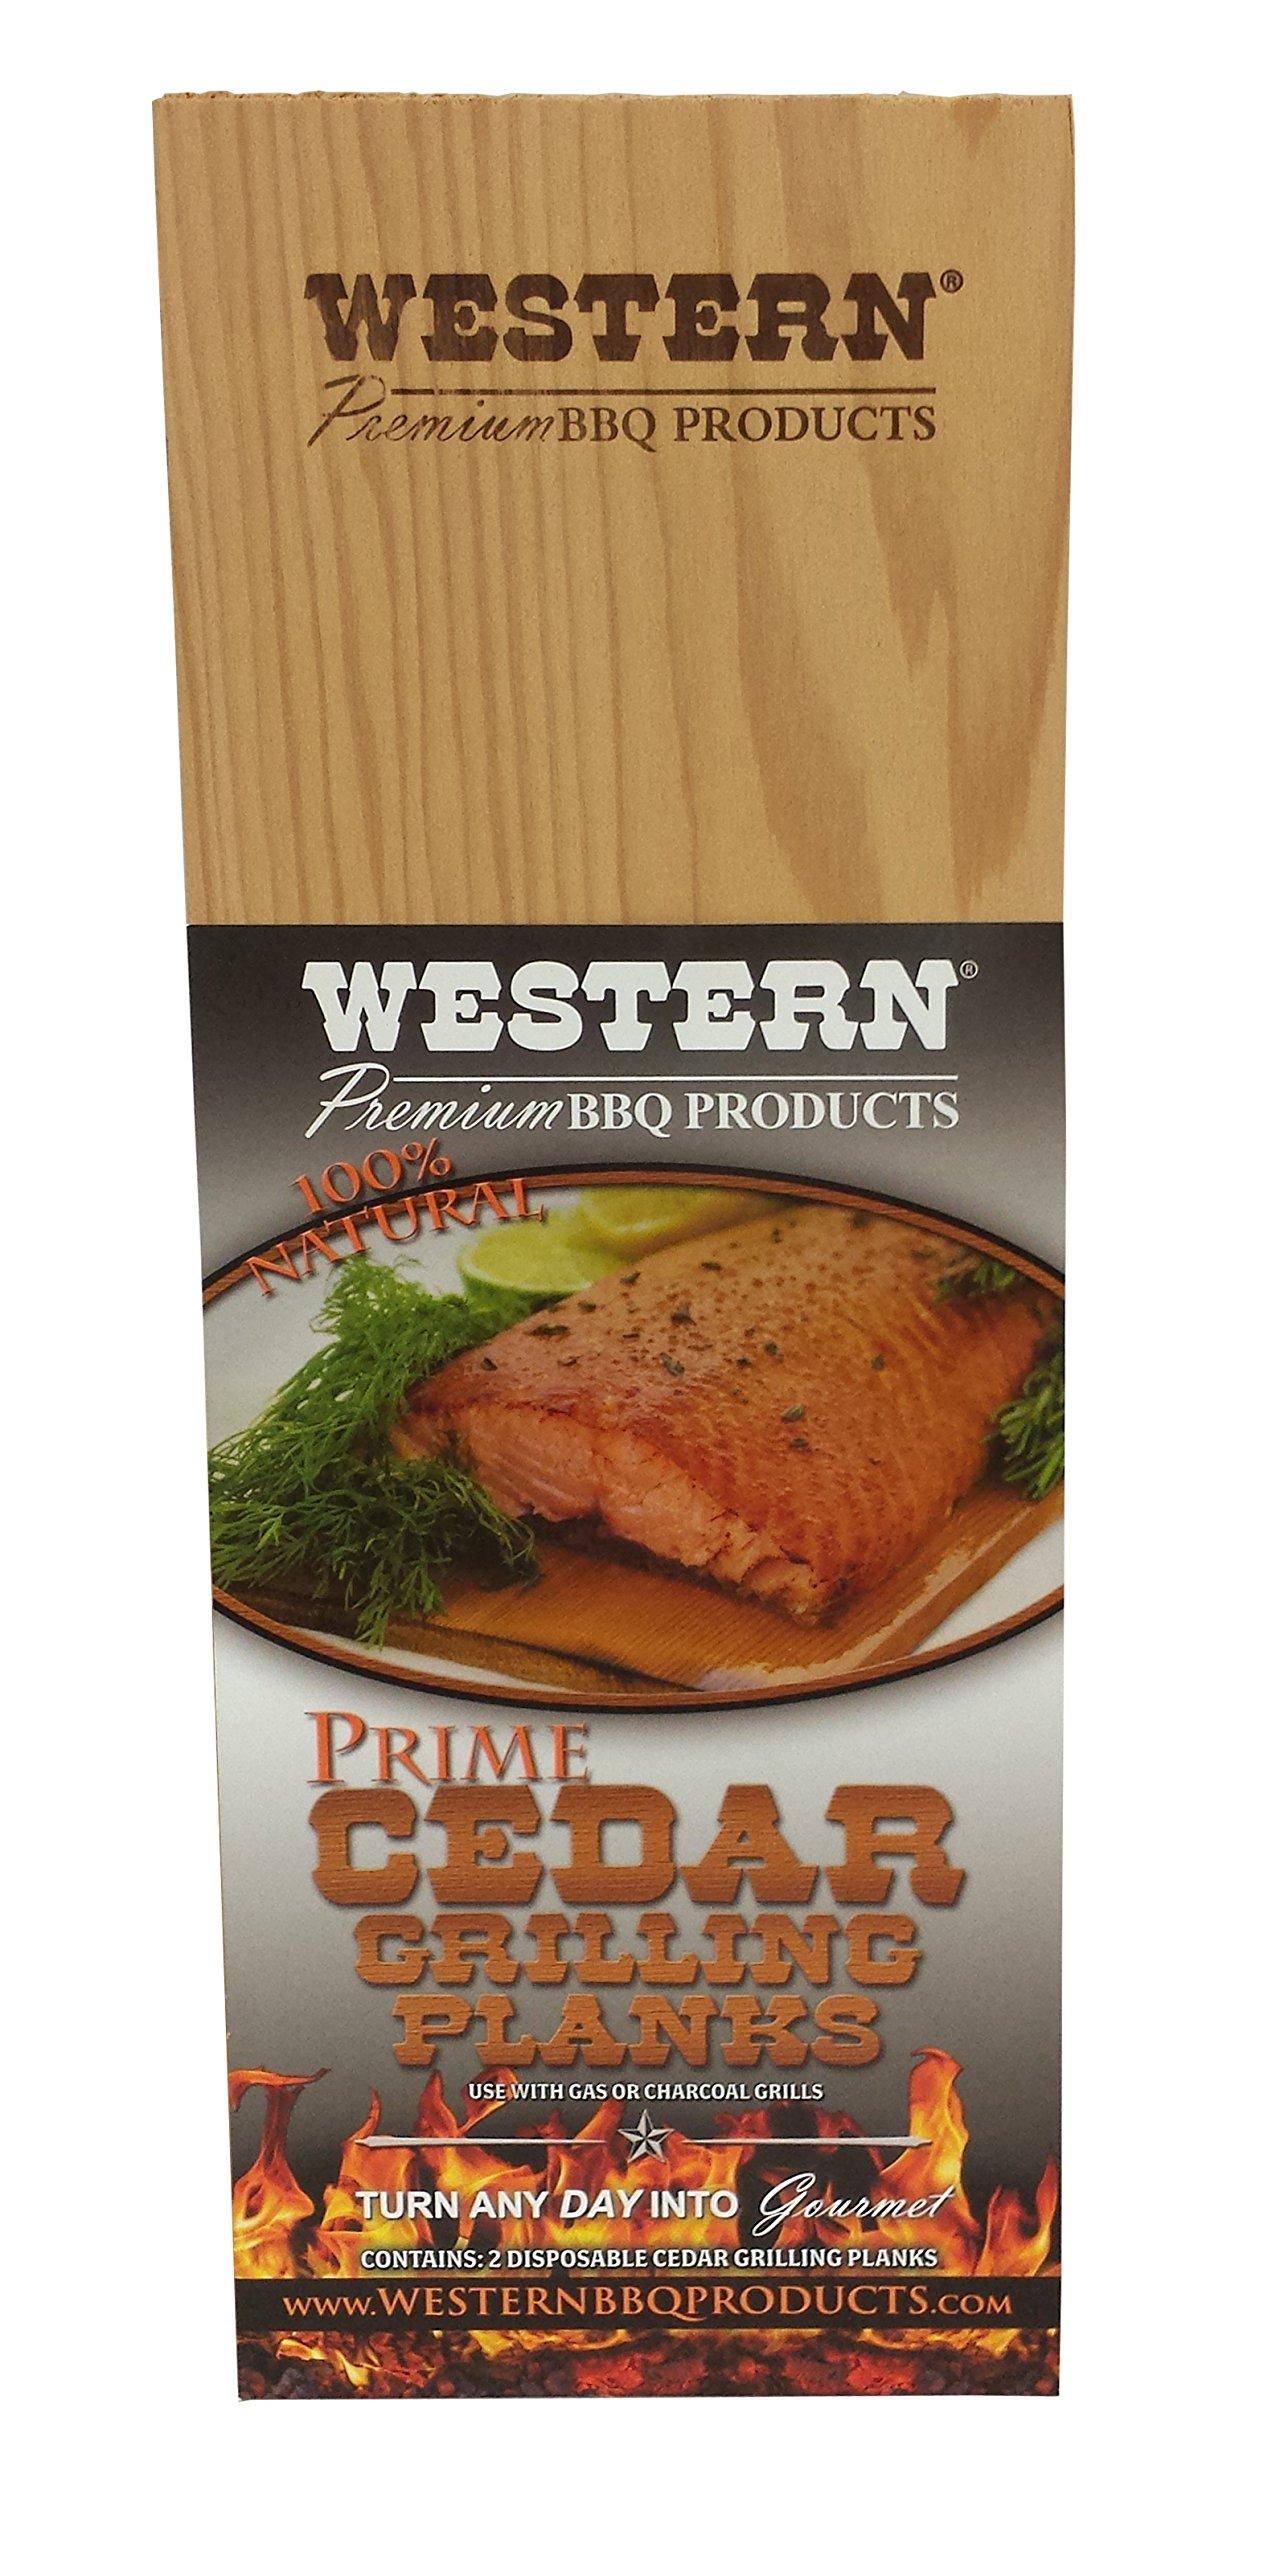 PRIME Cedar Grilling Planks (set of 2)